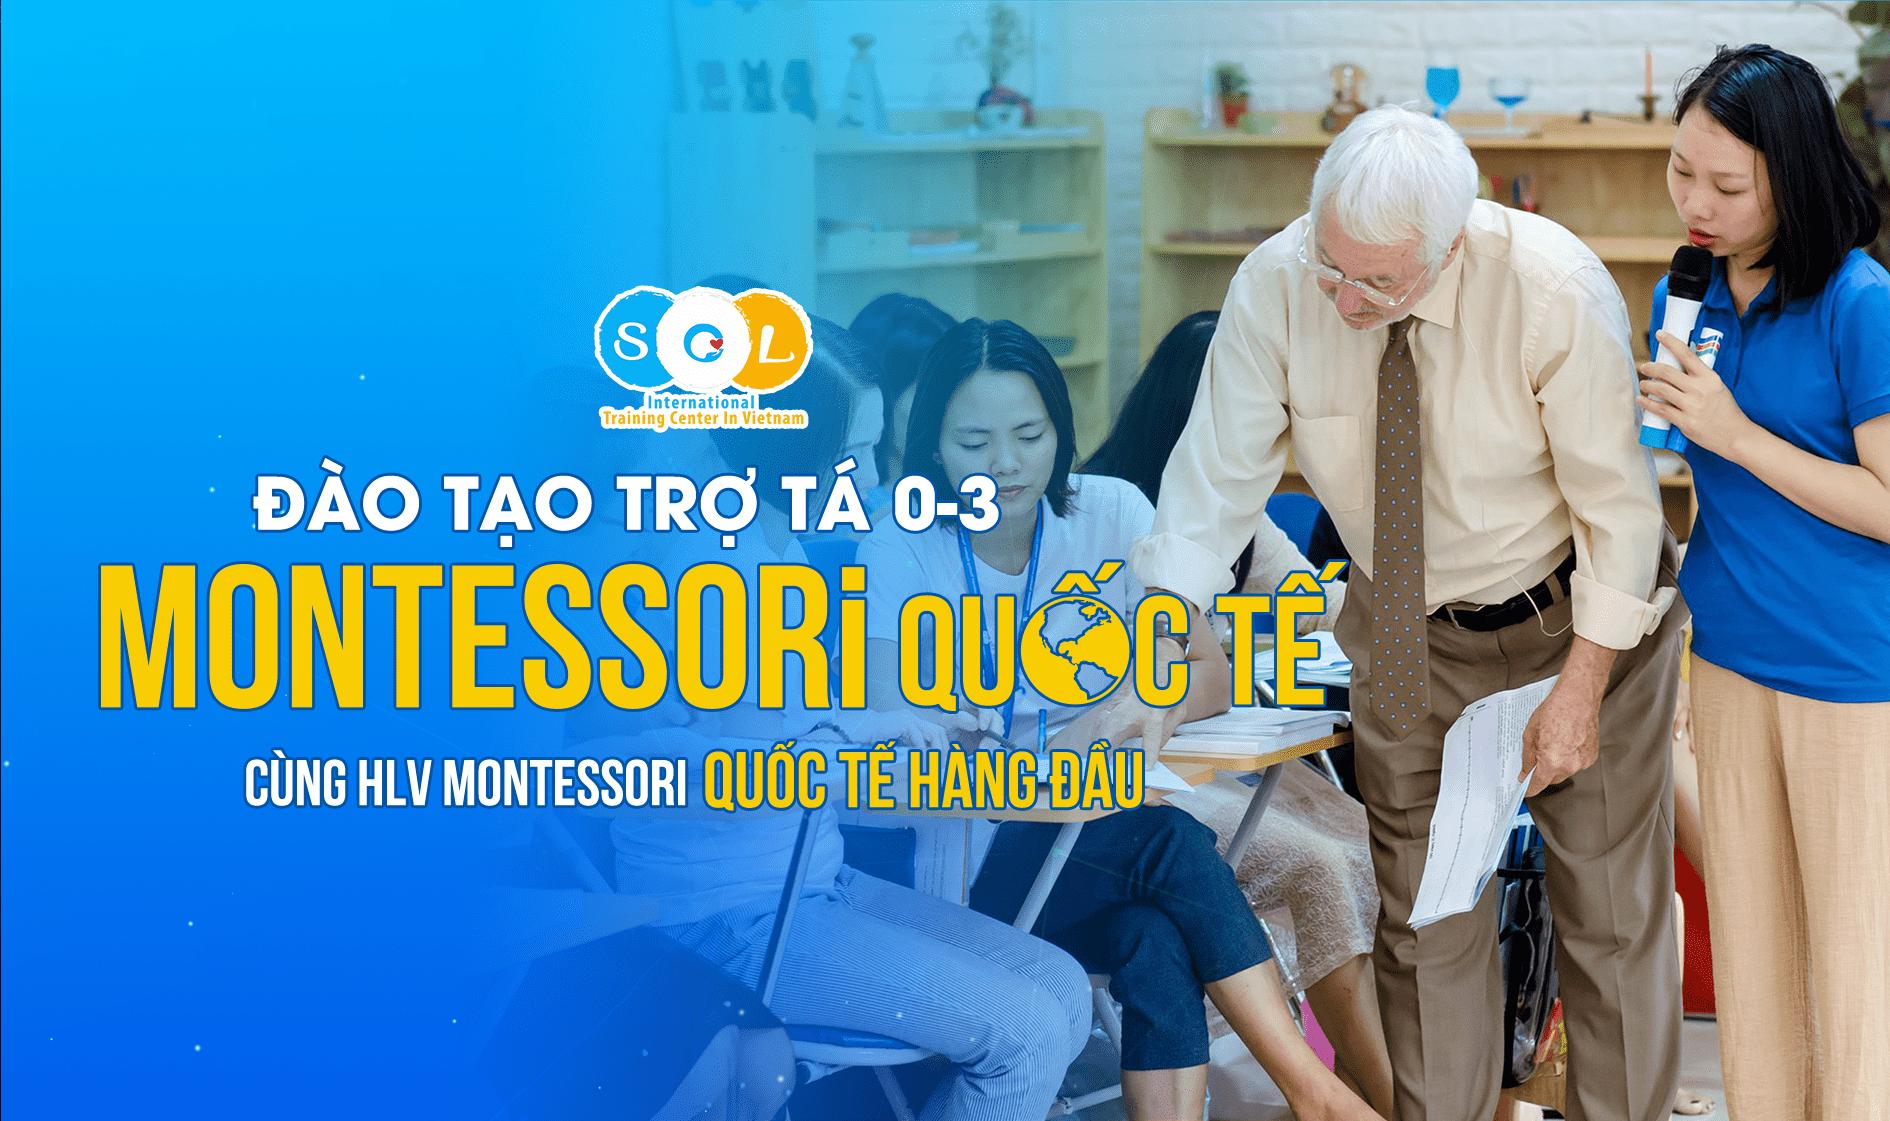 trợ tá montessori quốc tế